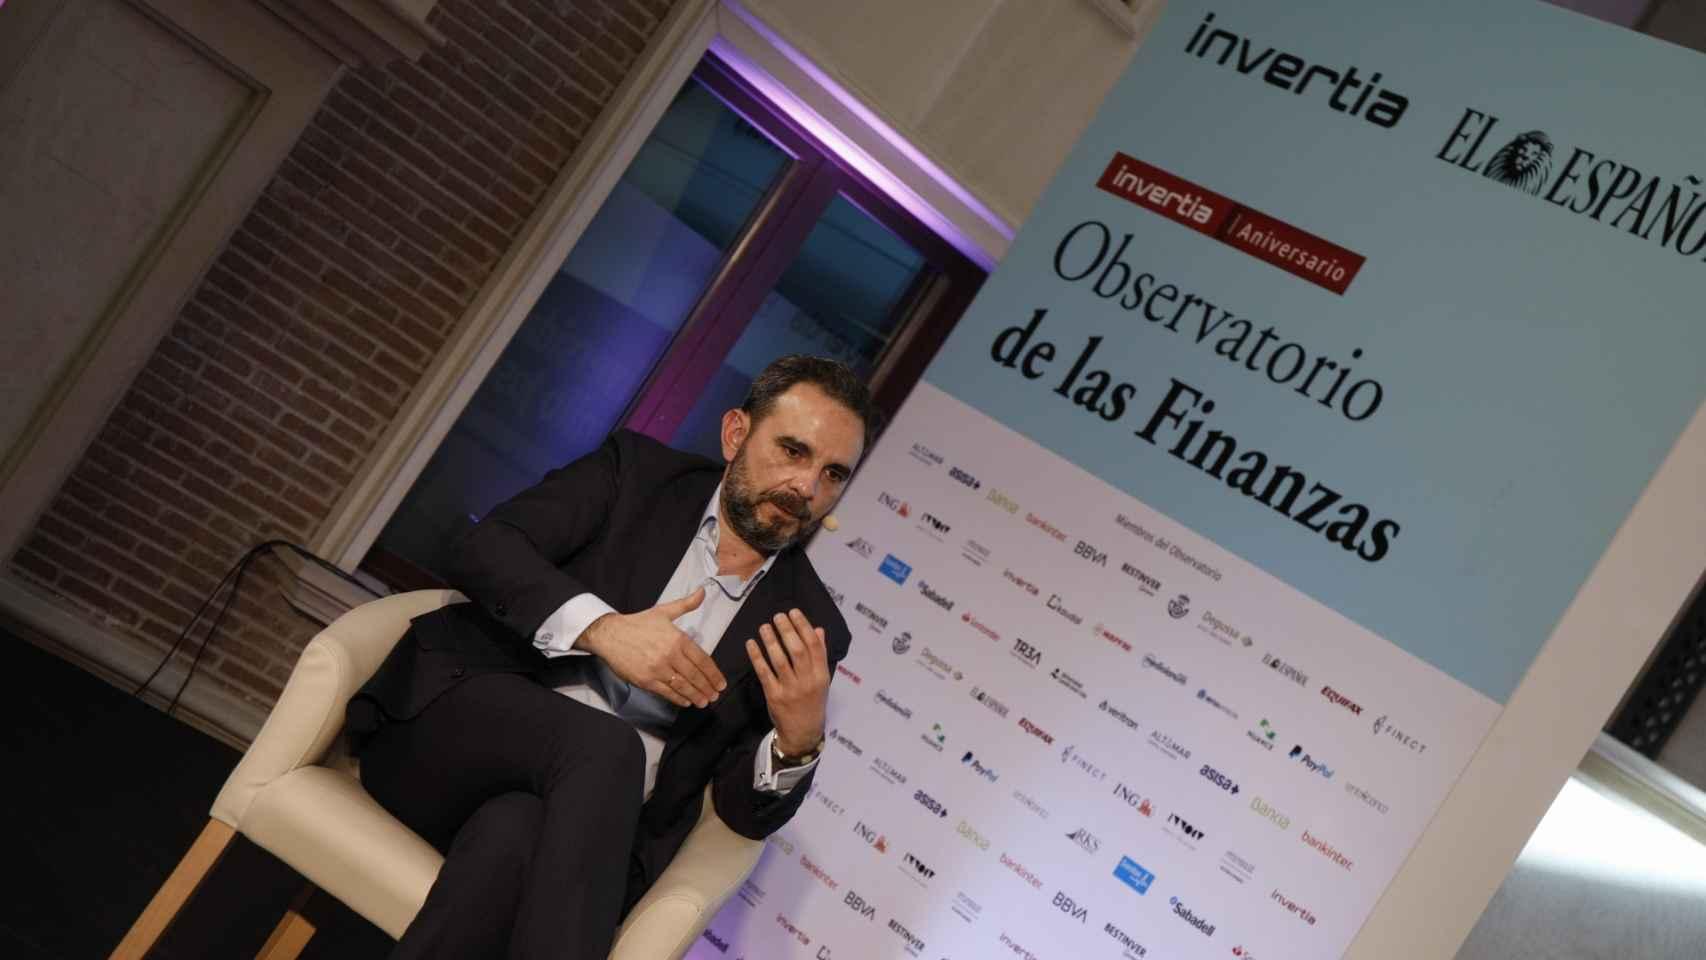 Marco Piña, director de Nuance Communications, en el Observatorio de las Finanzas de EL ESPAÑOL.